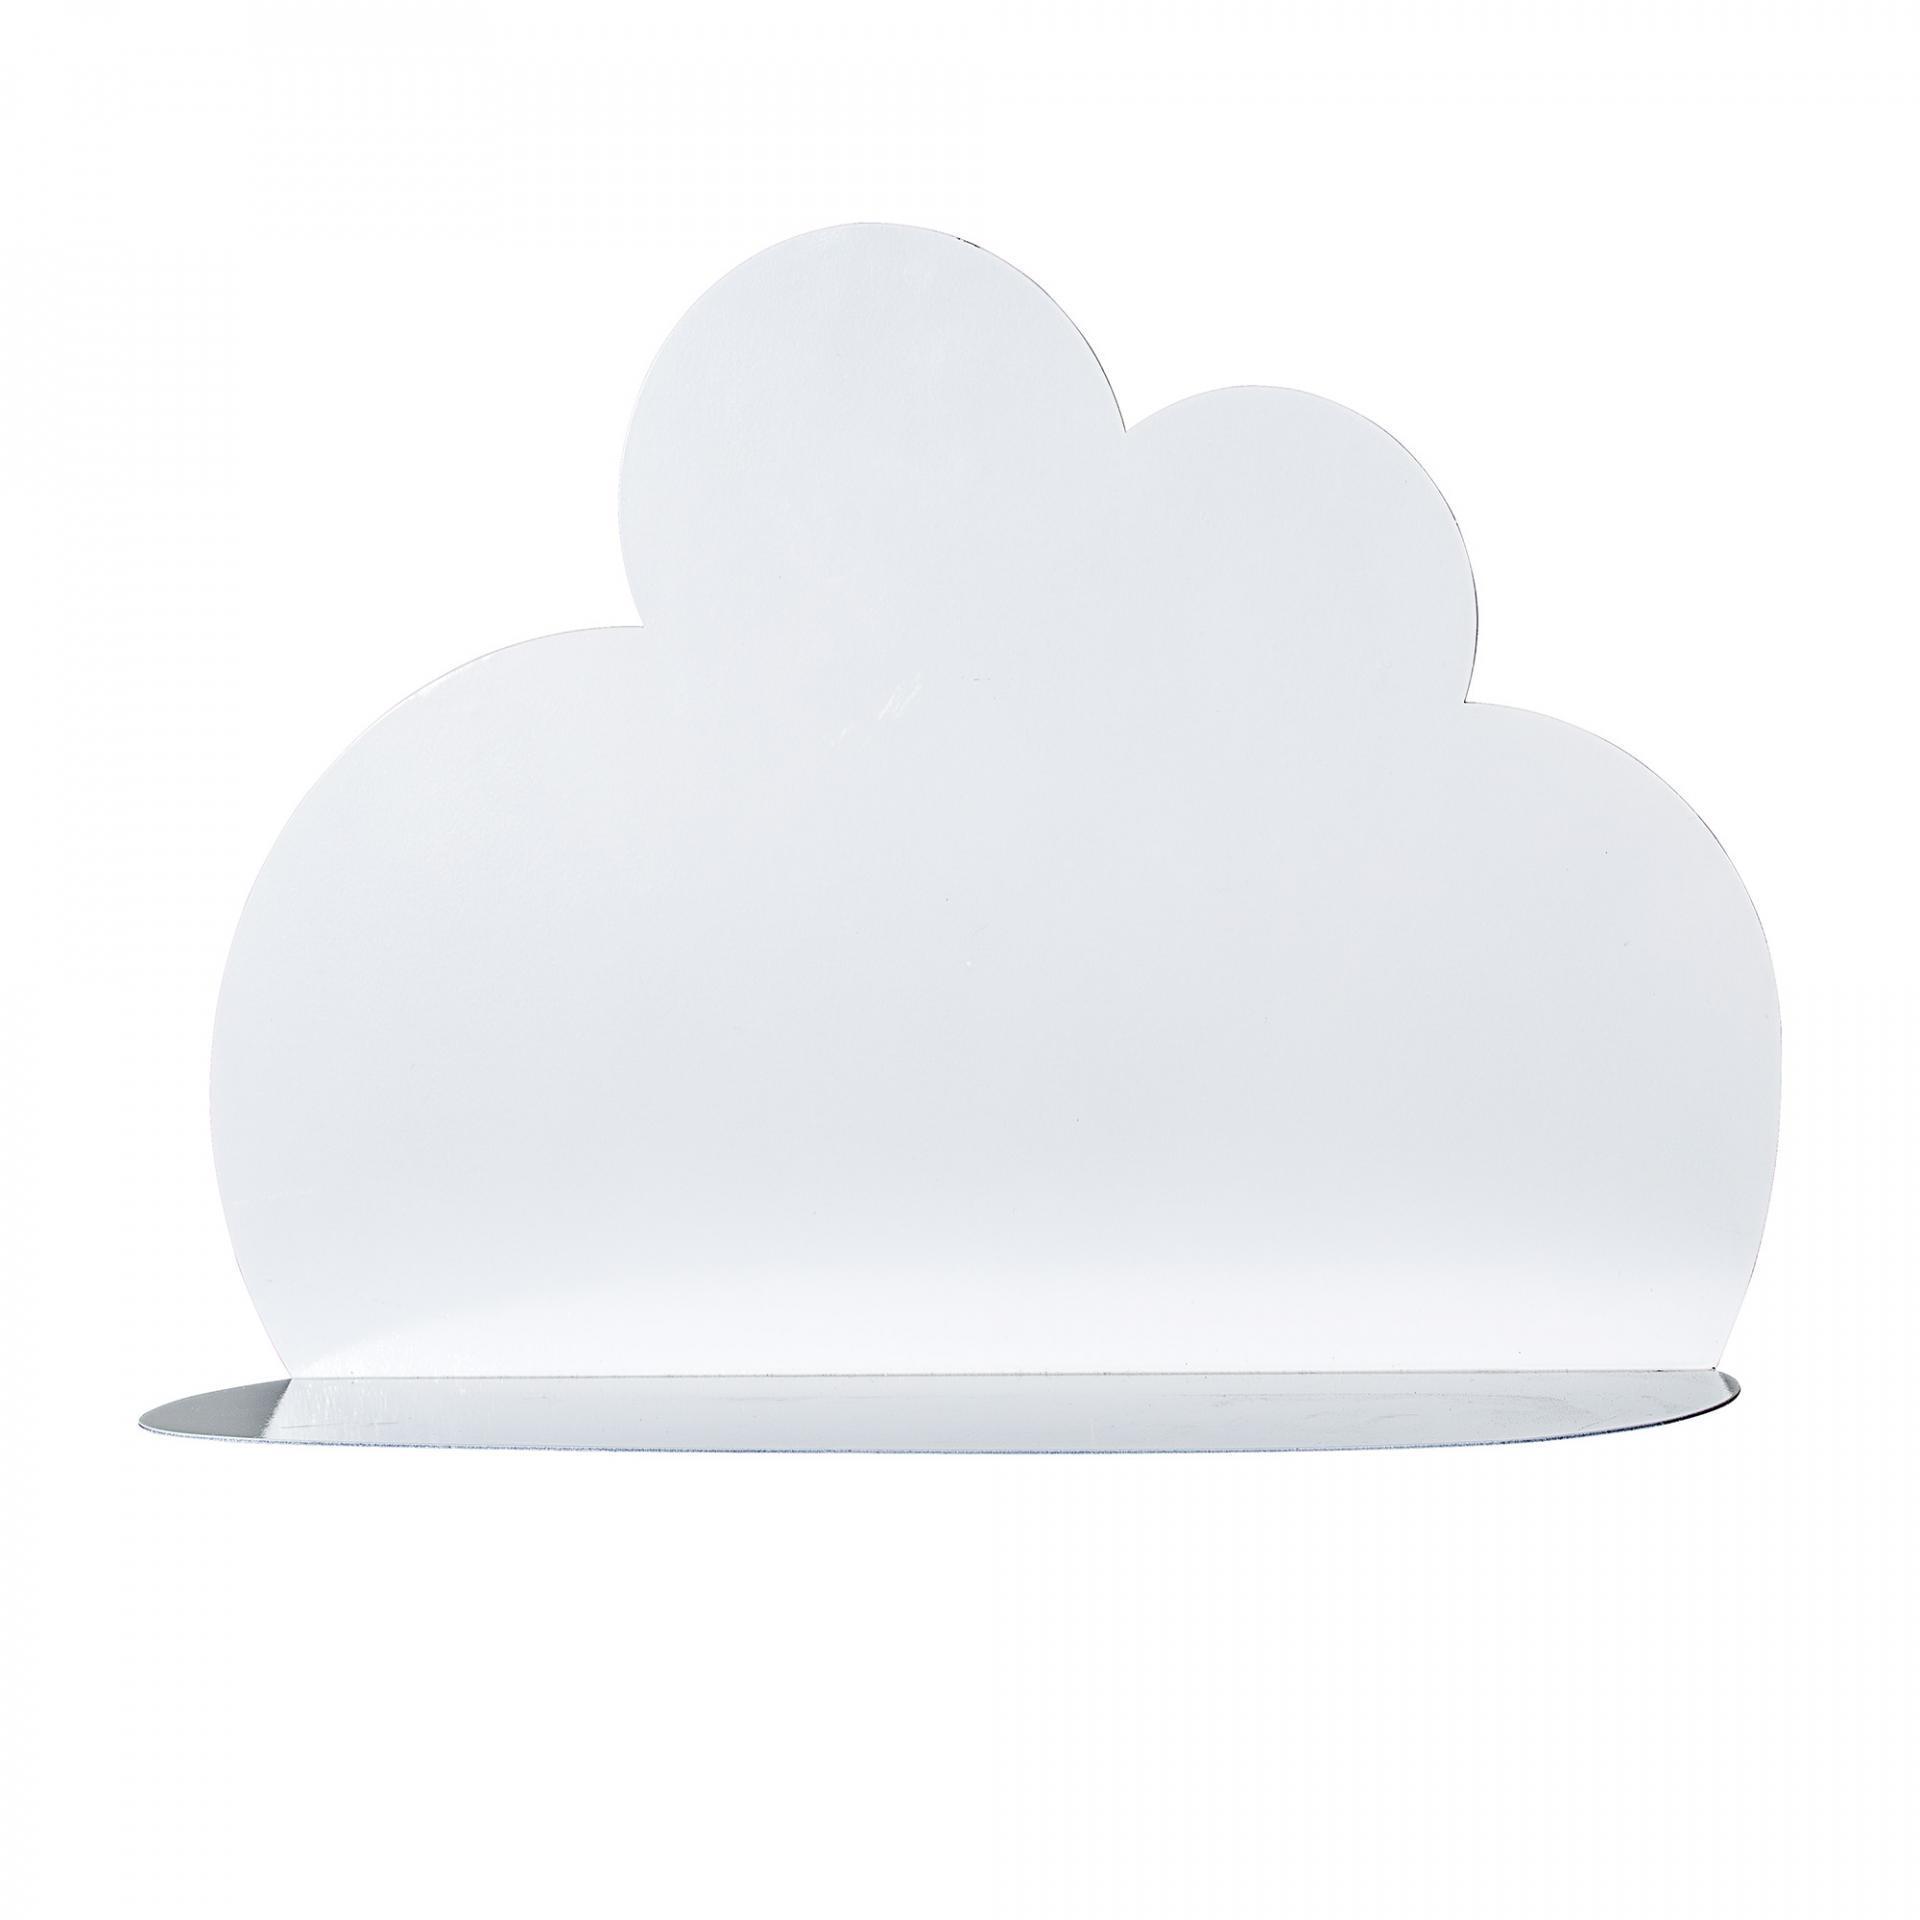 Bloomingville Kovová polička Cloud White - menší, bílá barva, kov